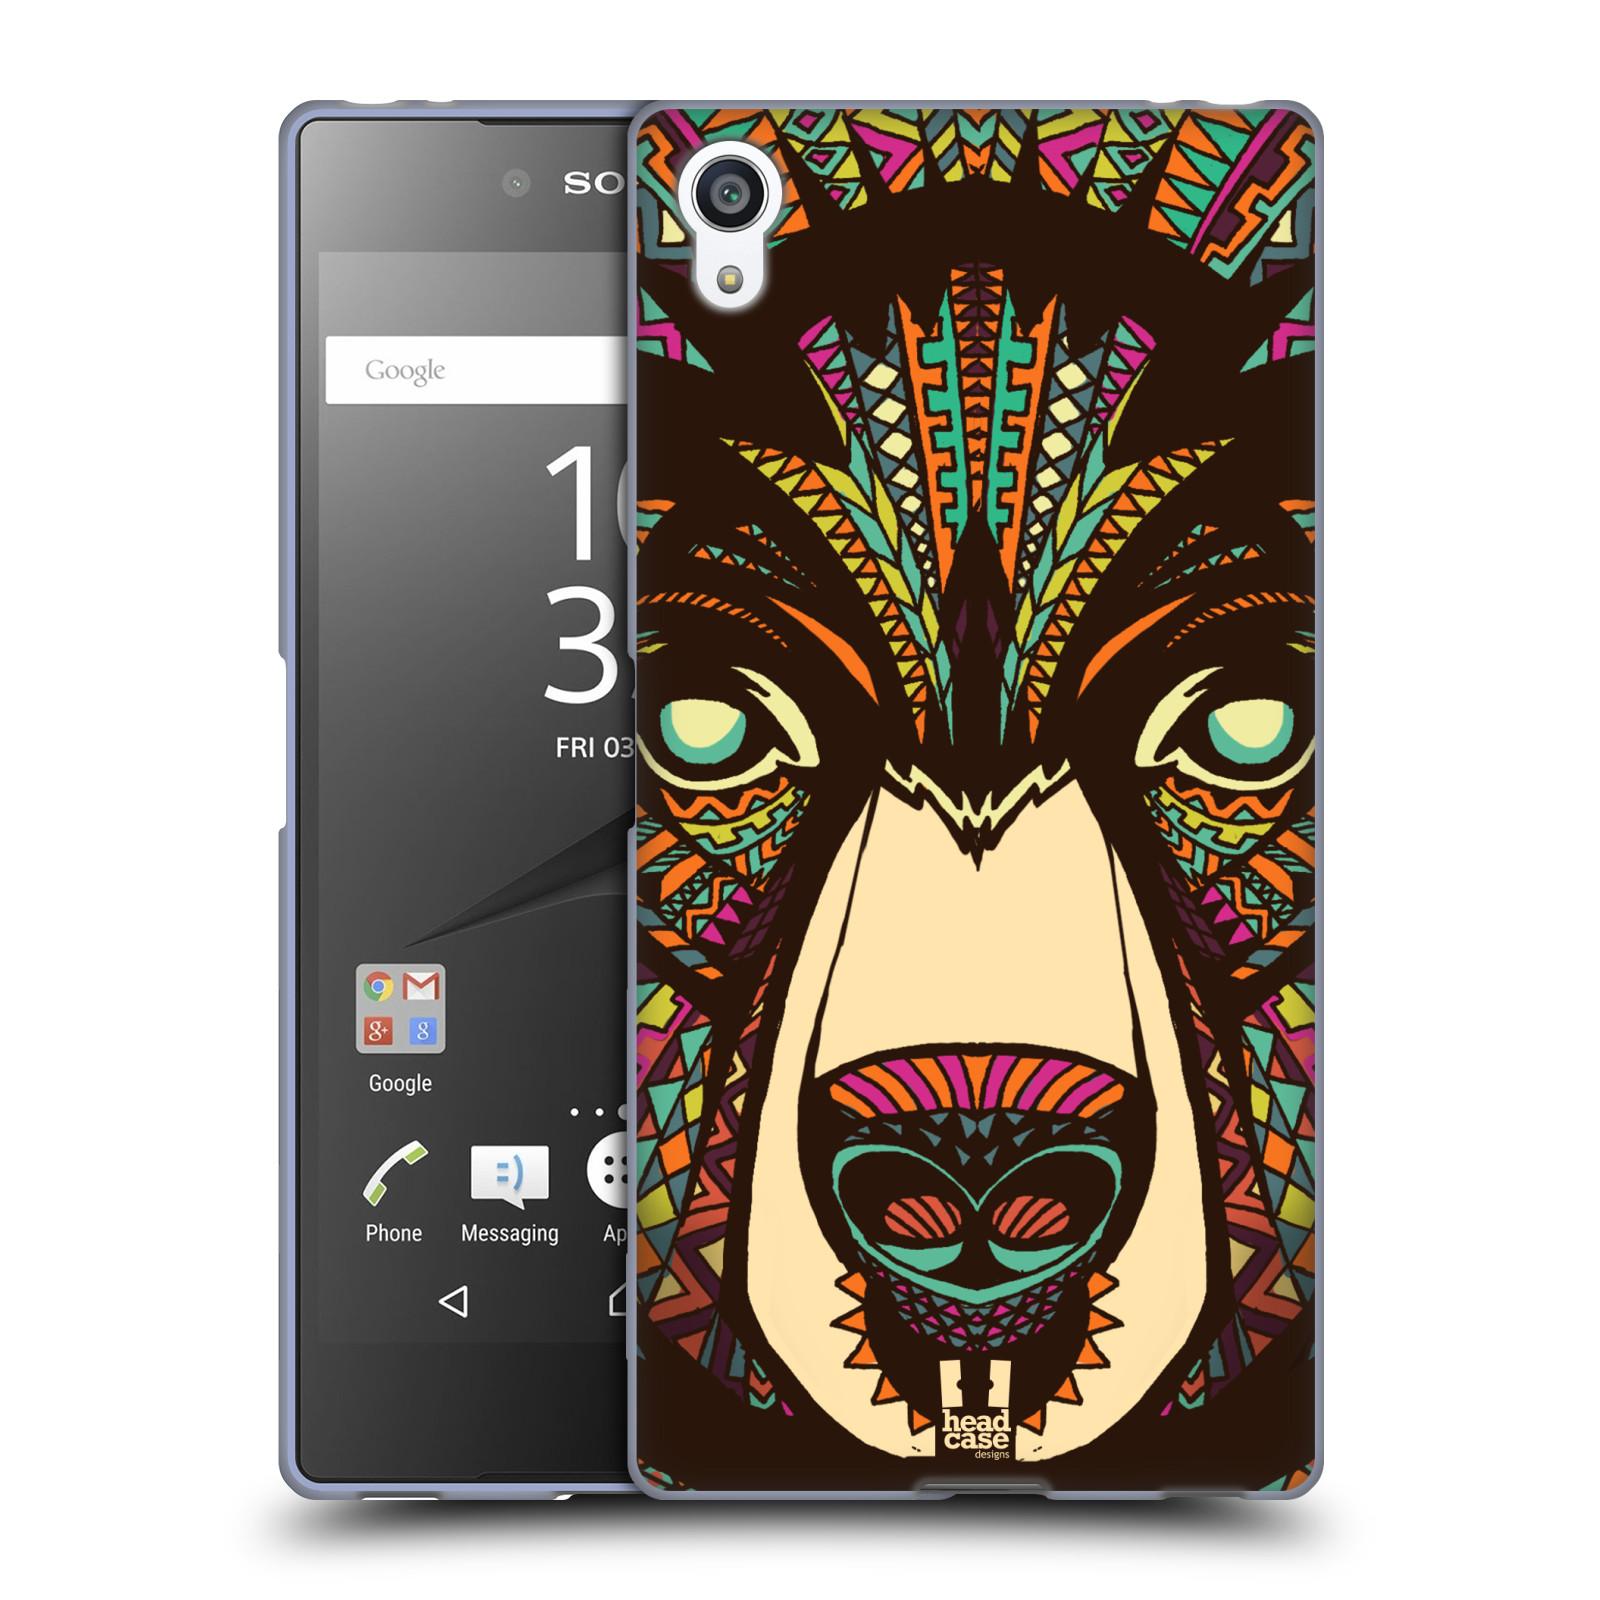 Silikonové pouzdro na mobil Sony Xperia Z5 Premium HEAD CASE AZTEC MEDVĚD